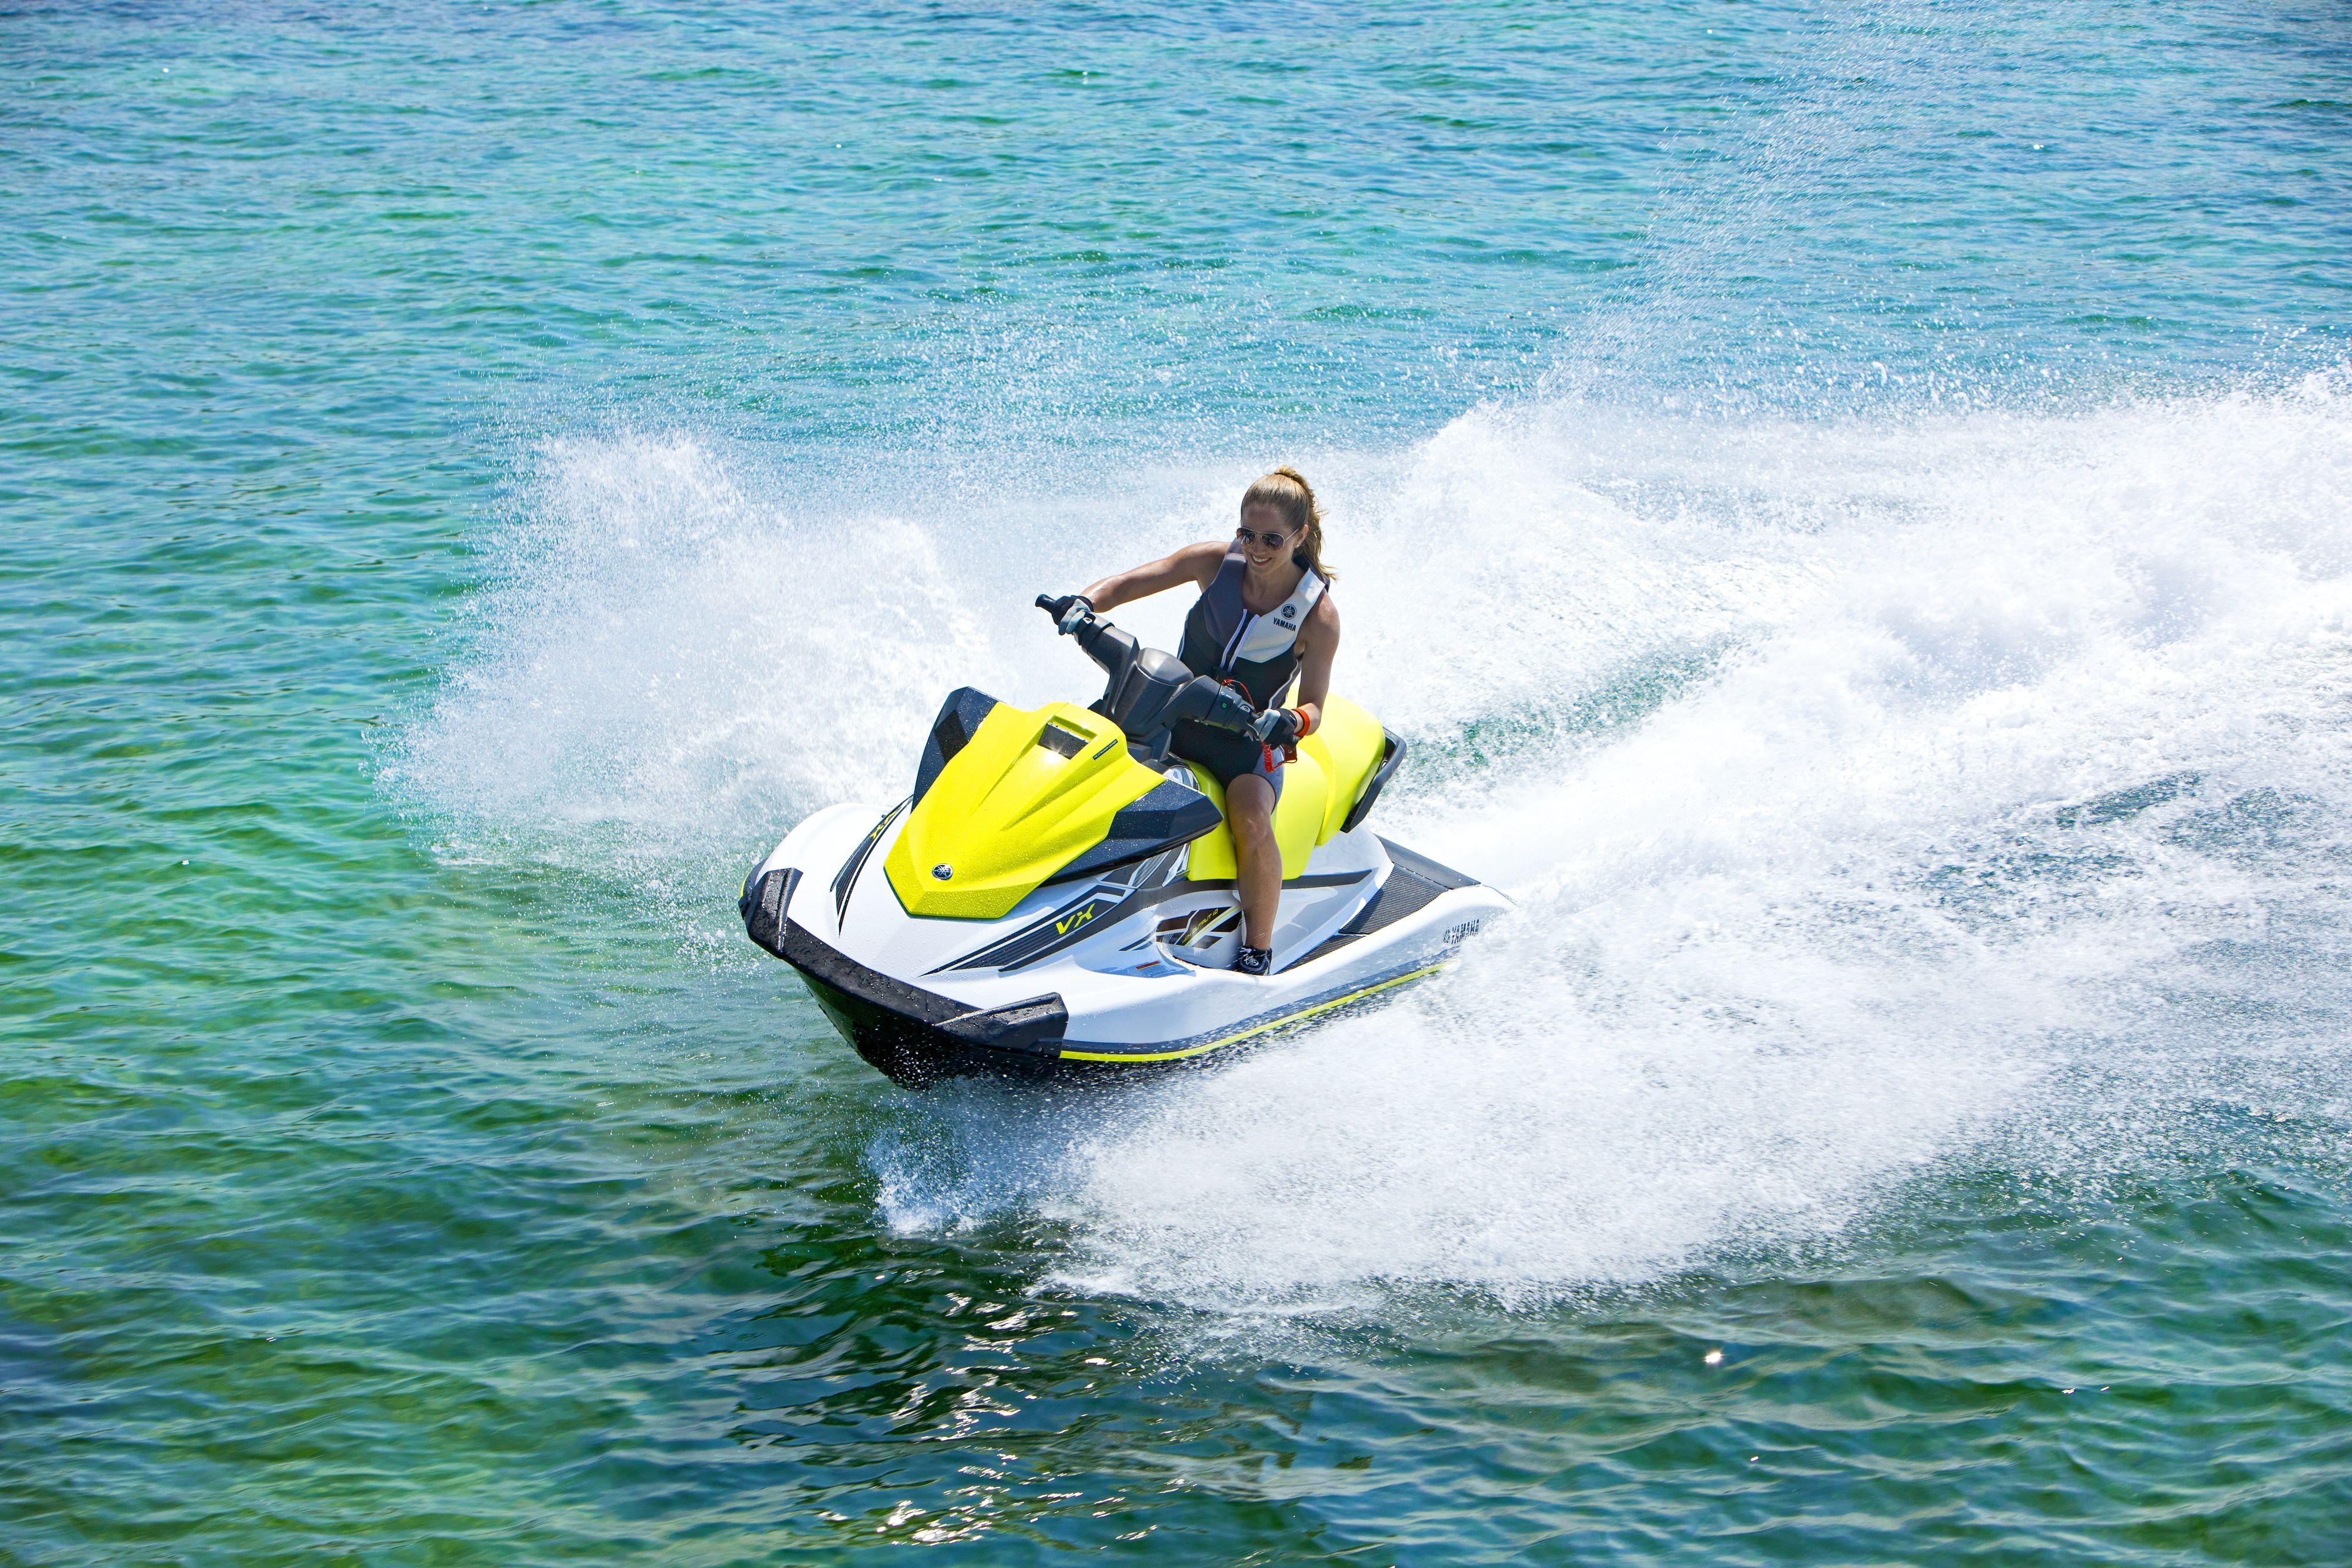 2020 Yamaha Vx Jetdrift Sailboat Rental Jet Ski Yamaha Jetski